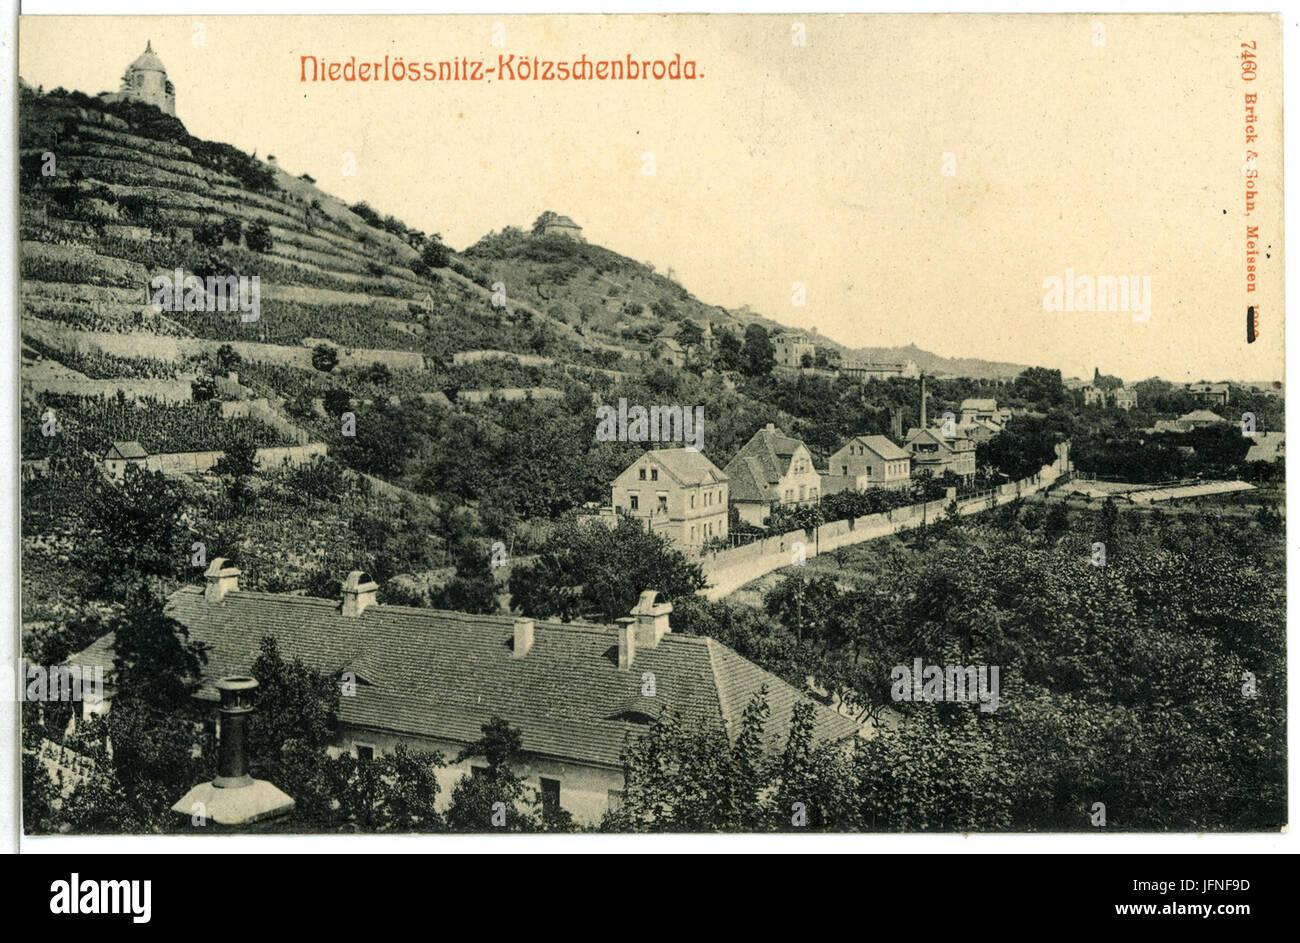 07460-Kötzschenbroda-1906-Niederlößnitz mit Jacobstein-Brück & Sohn Kunstverlag Stock Photo